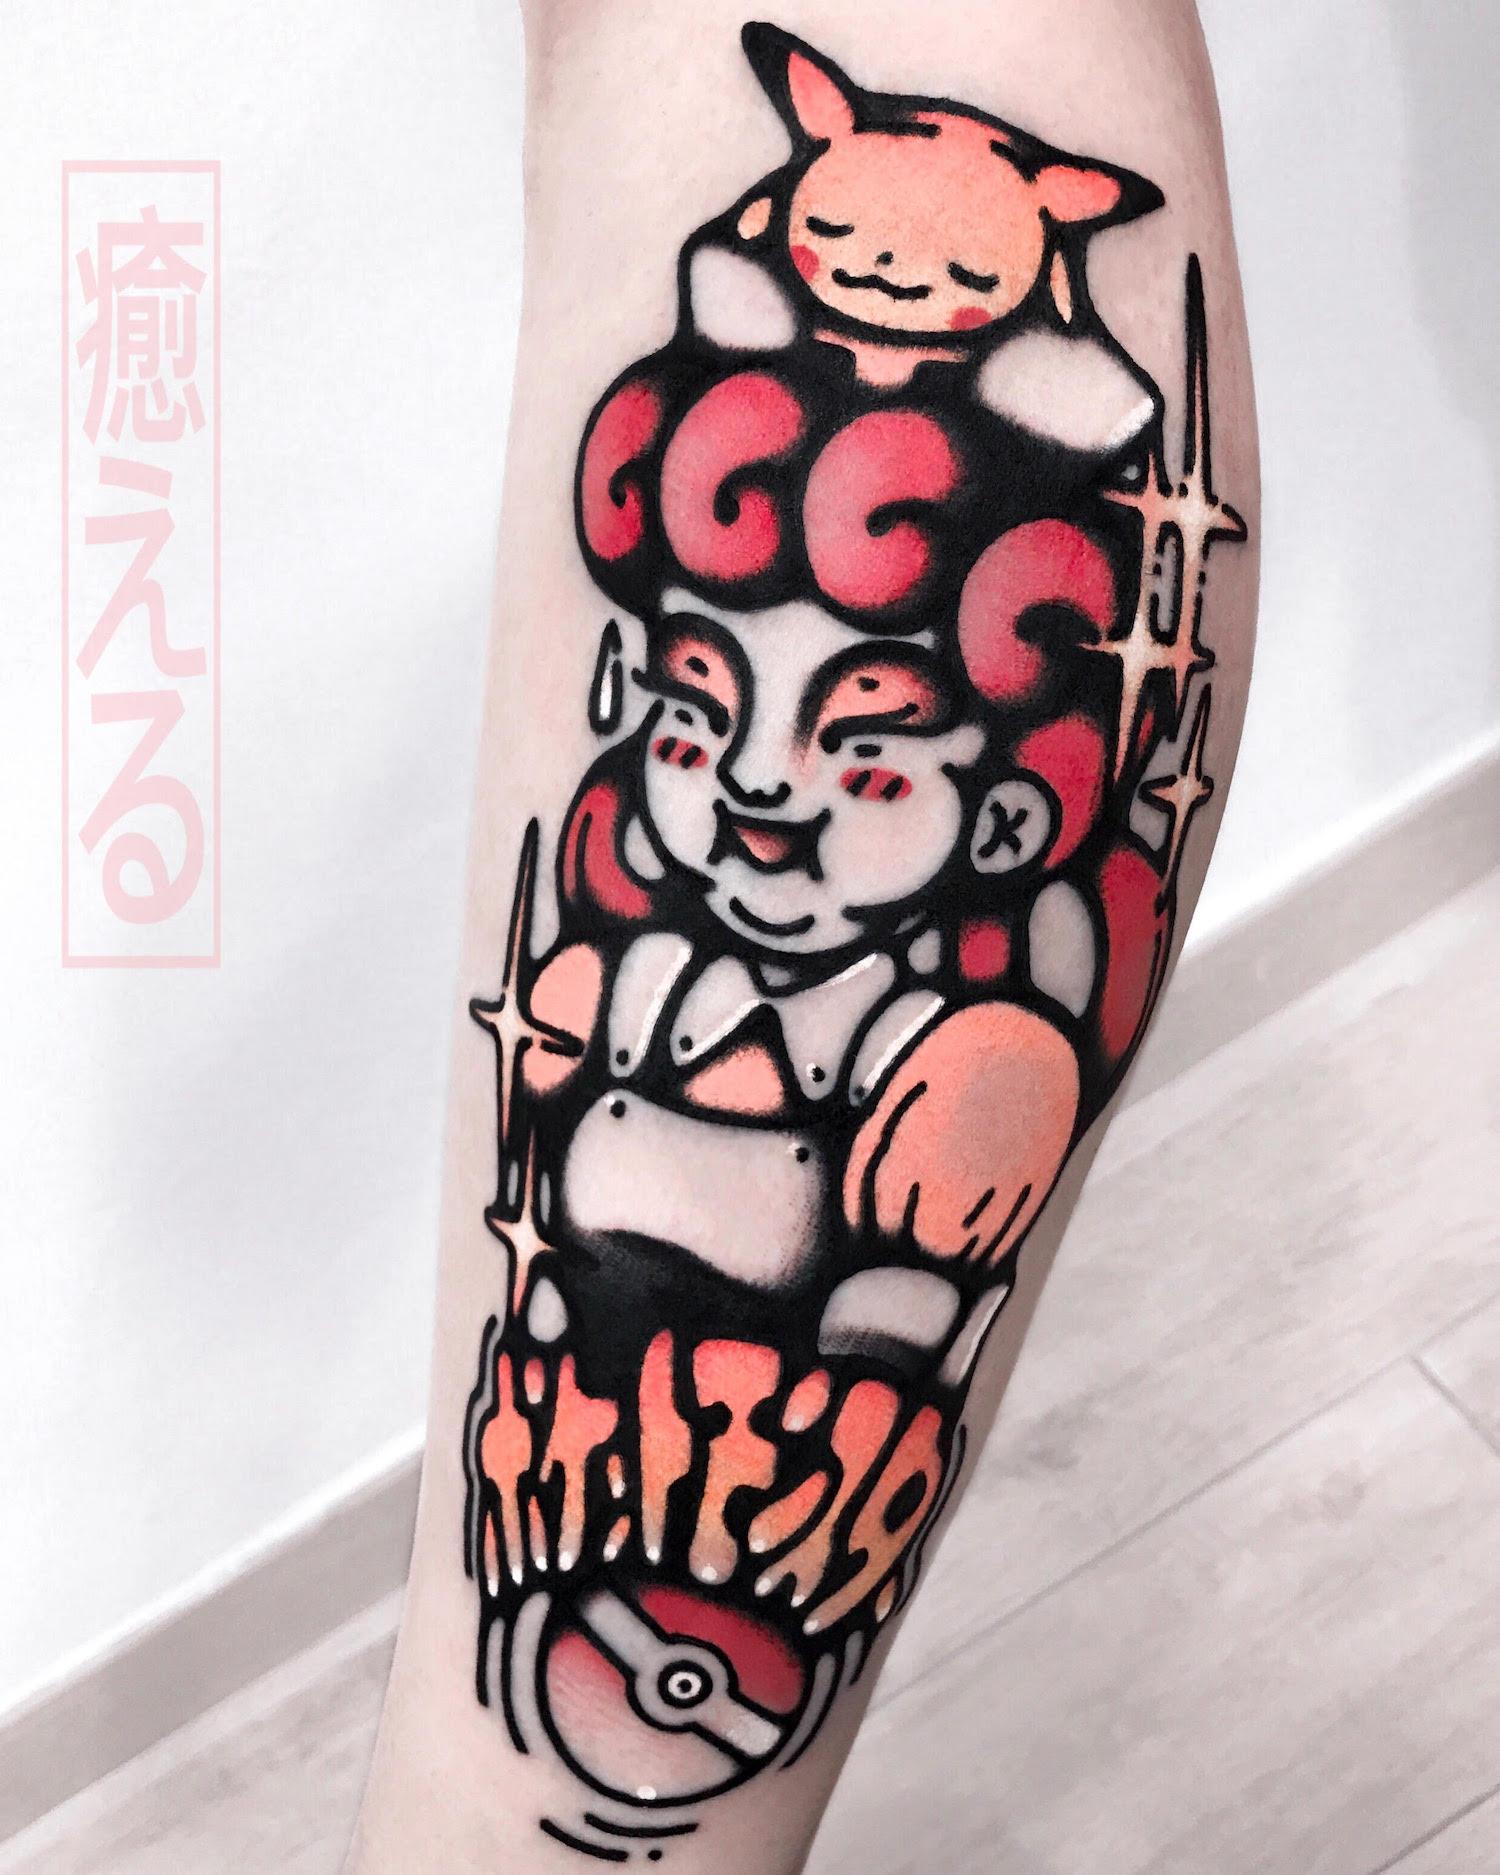 Pokemon tattoo on leg